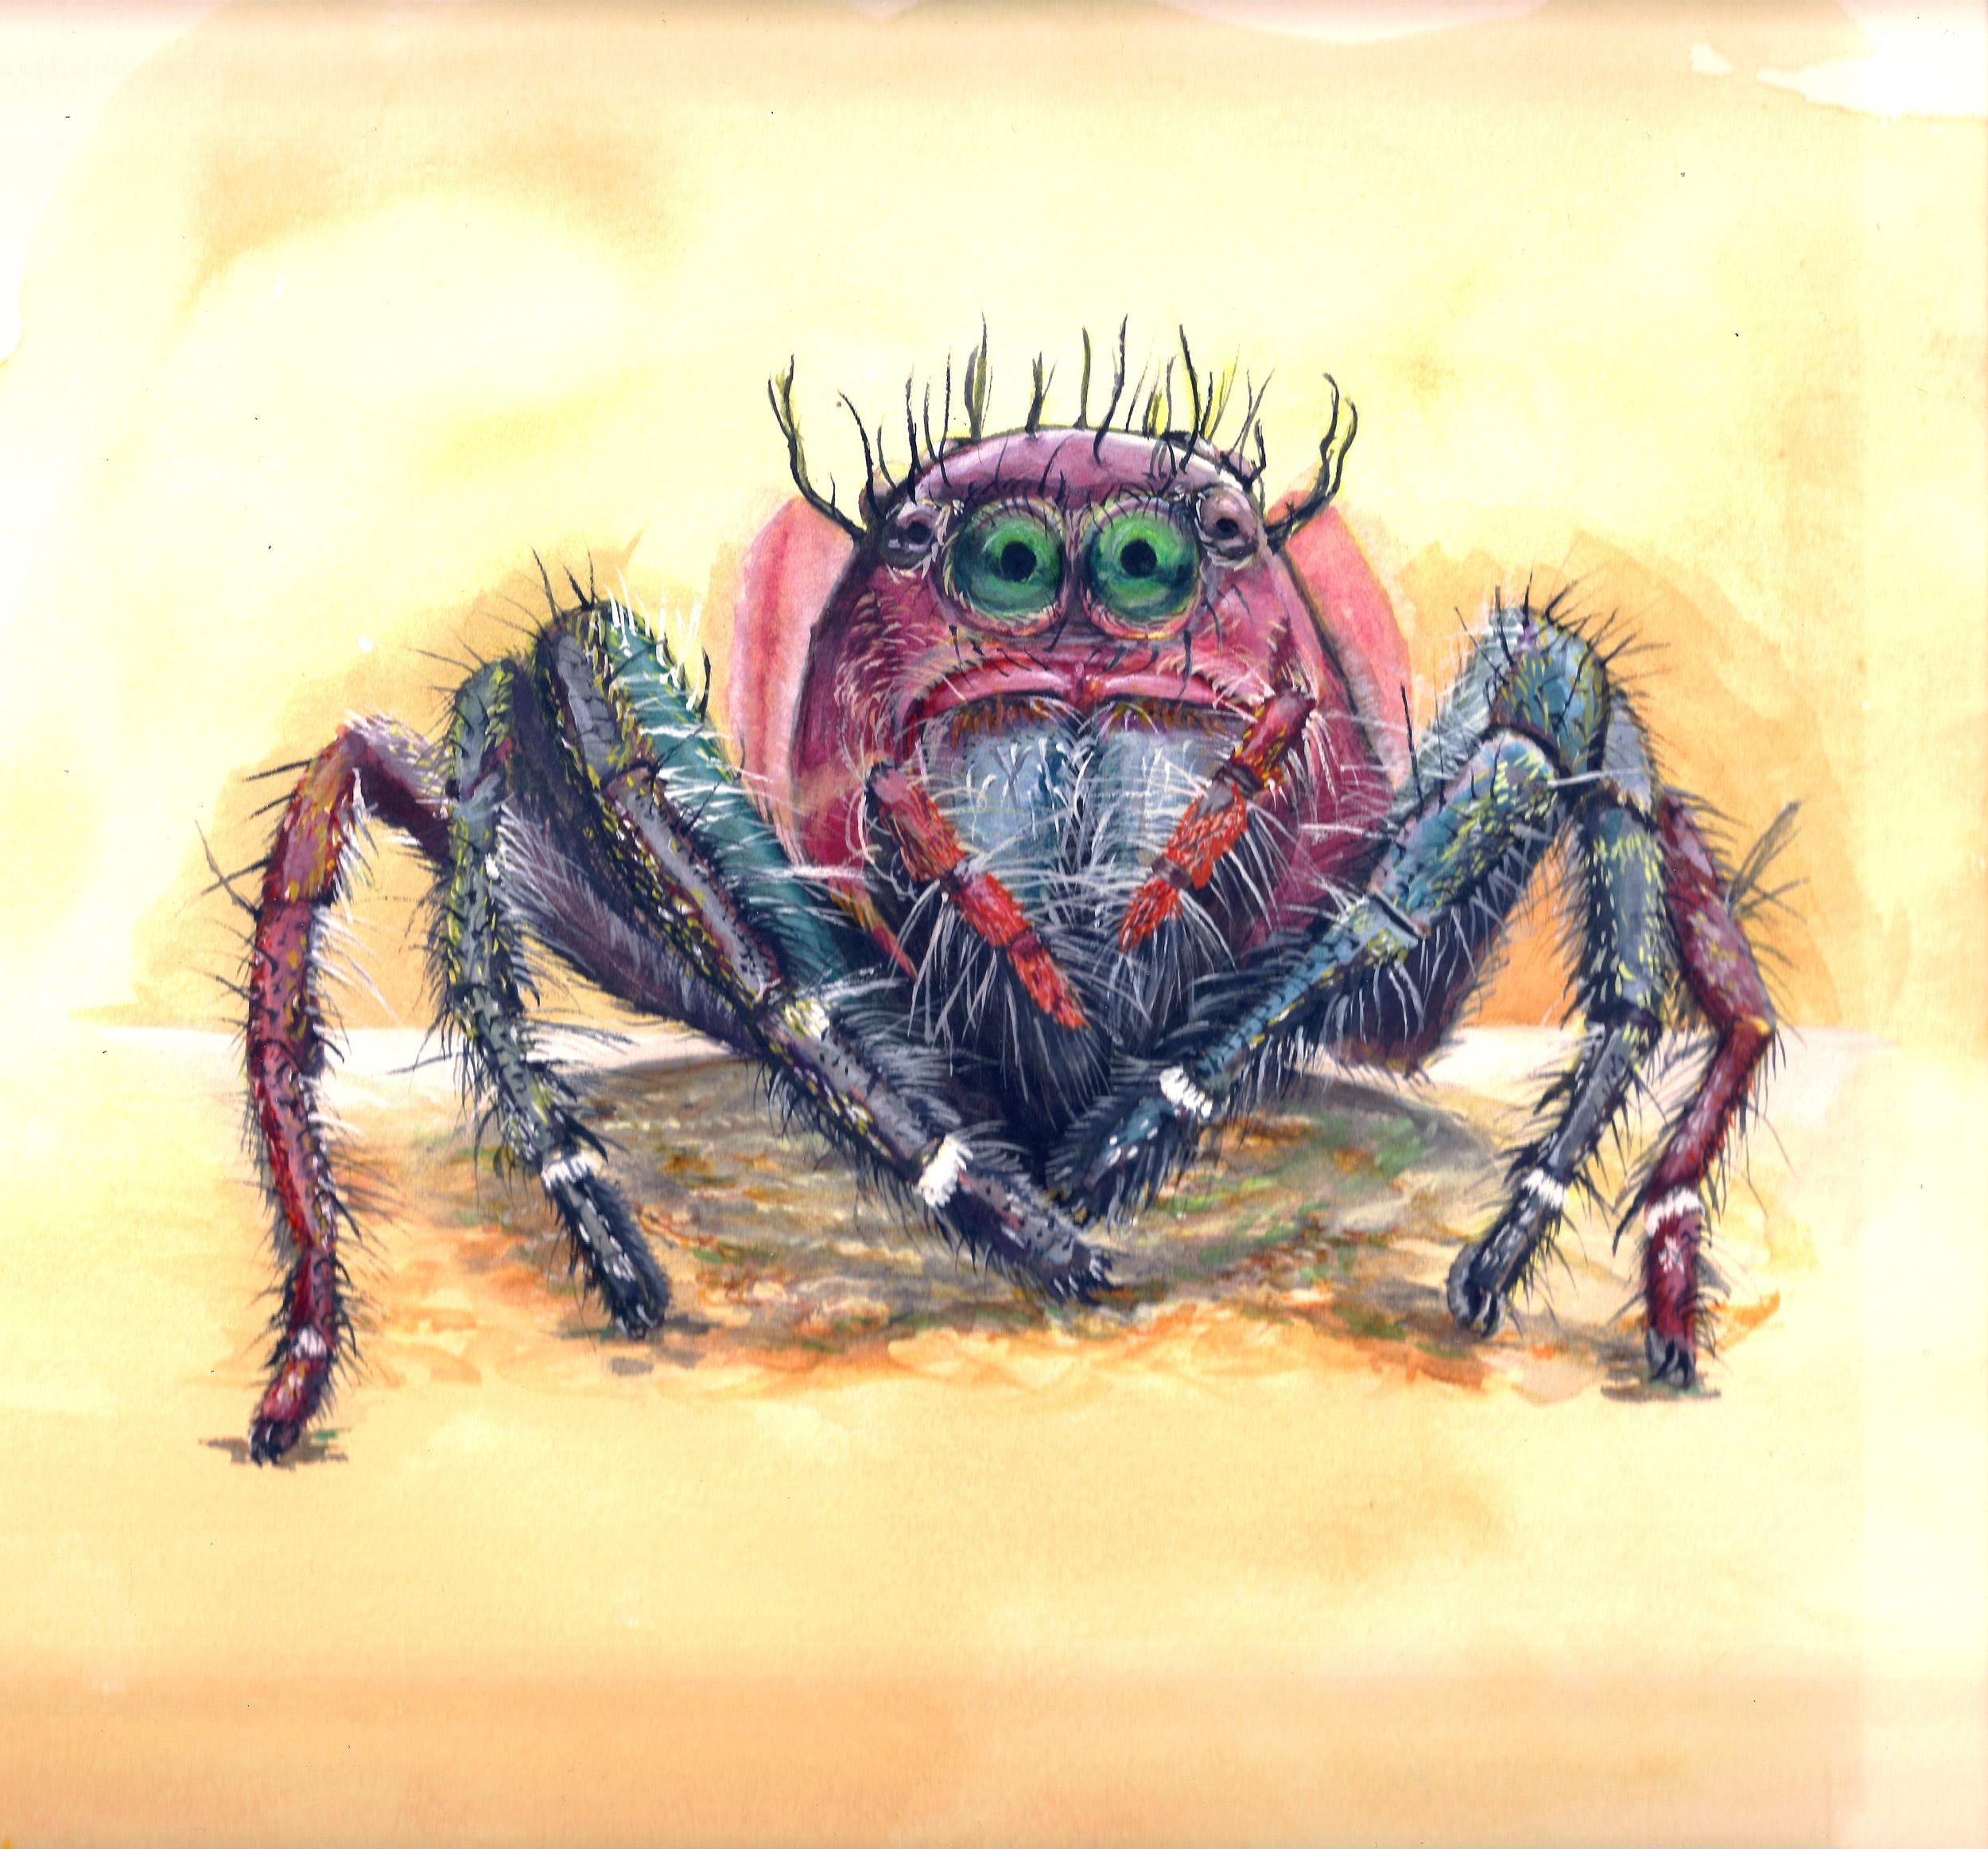 Jumping spider 2 — April 8 2014.jpg